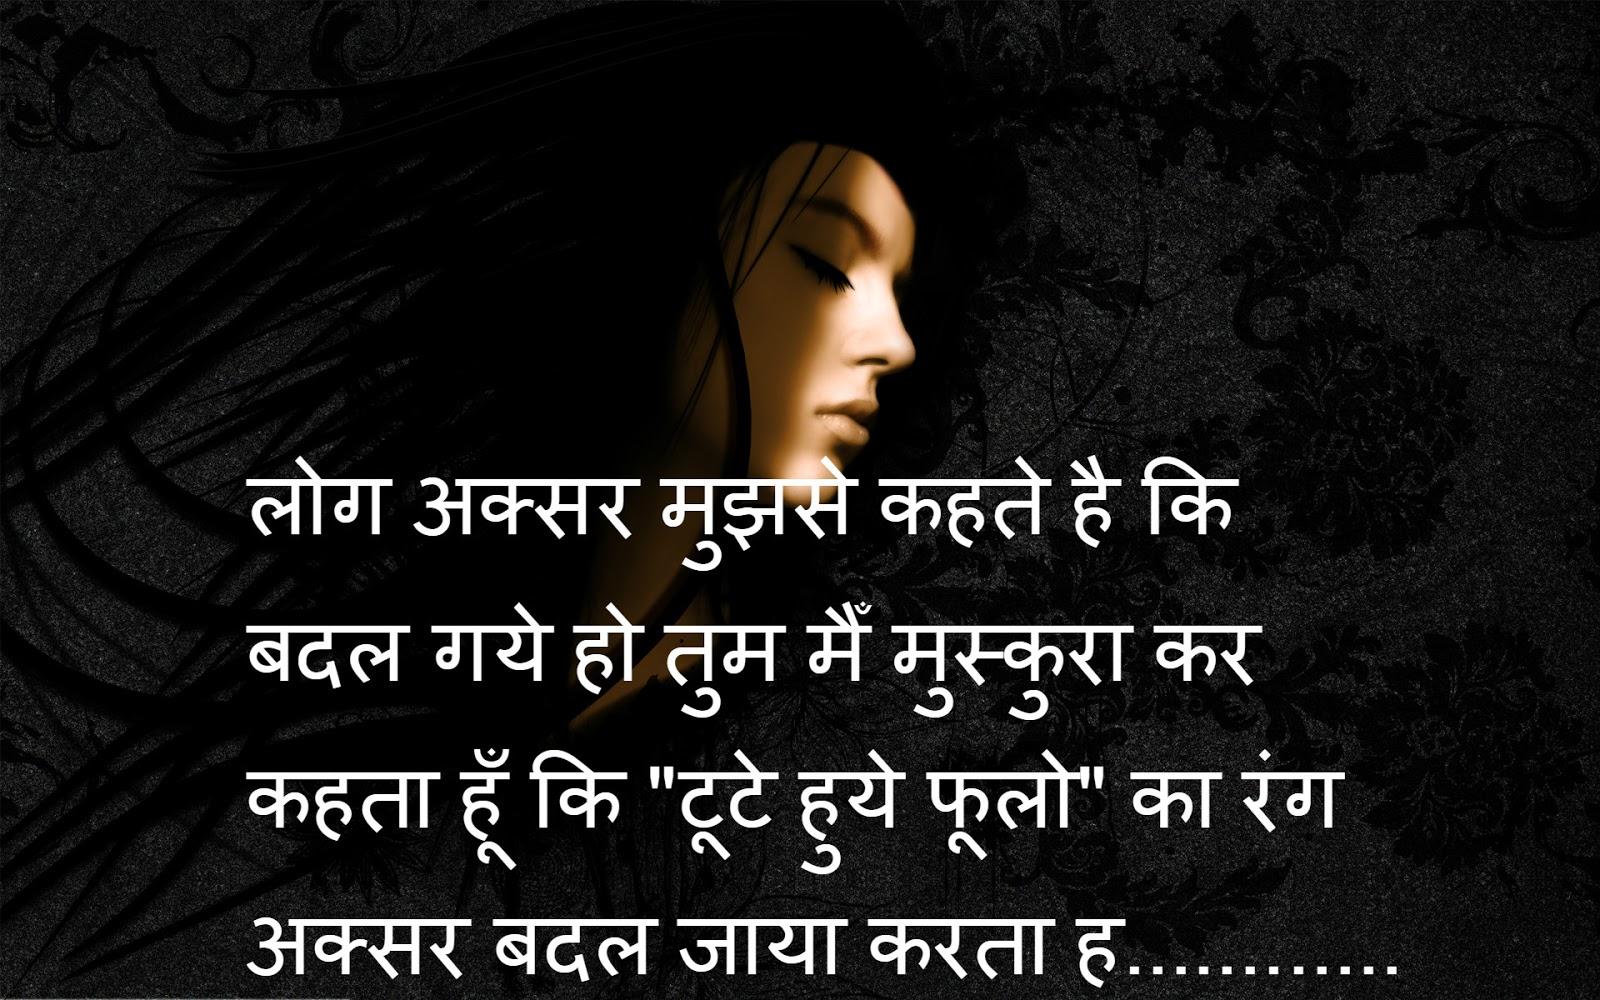 Sad shayari wallpaper in hindi free download